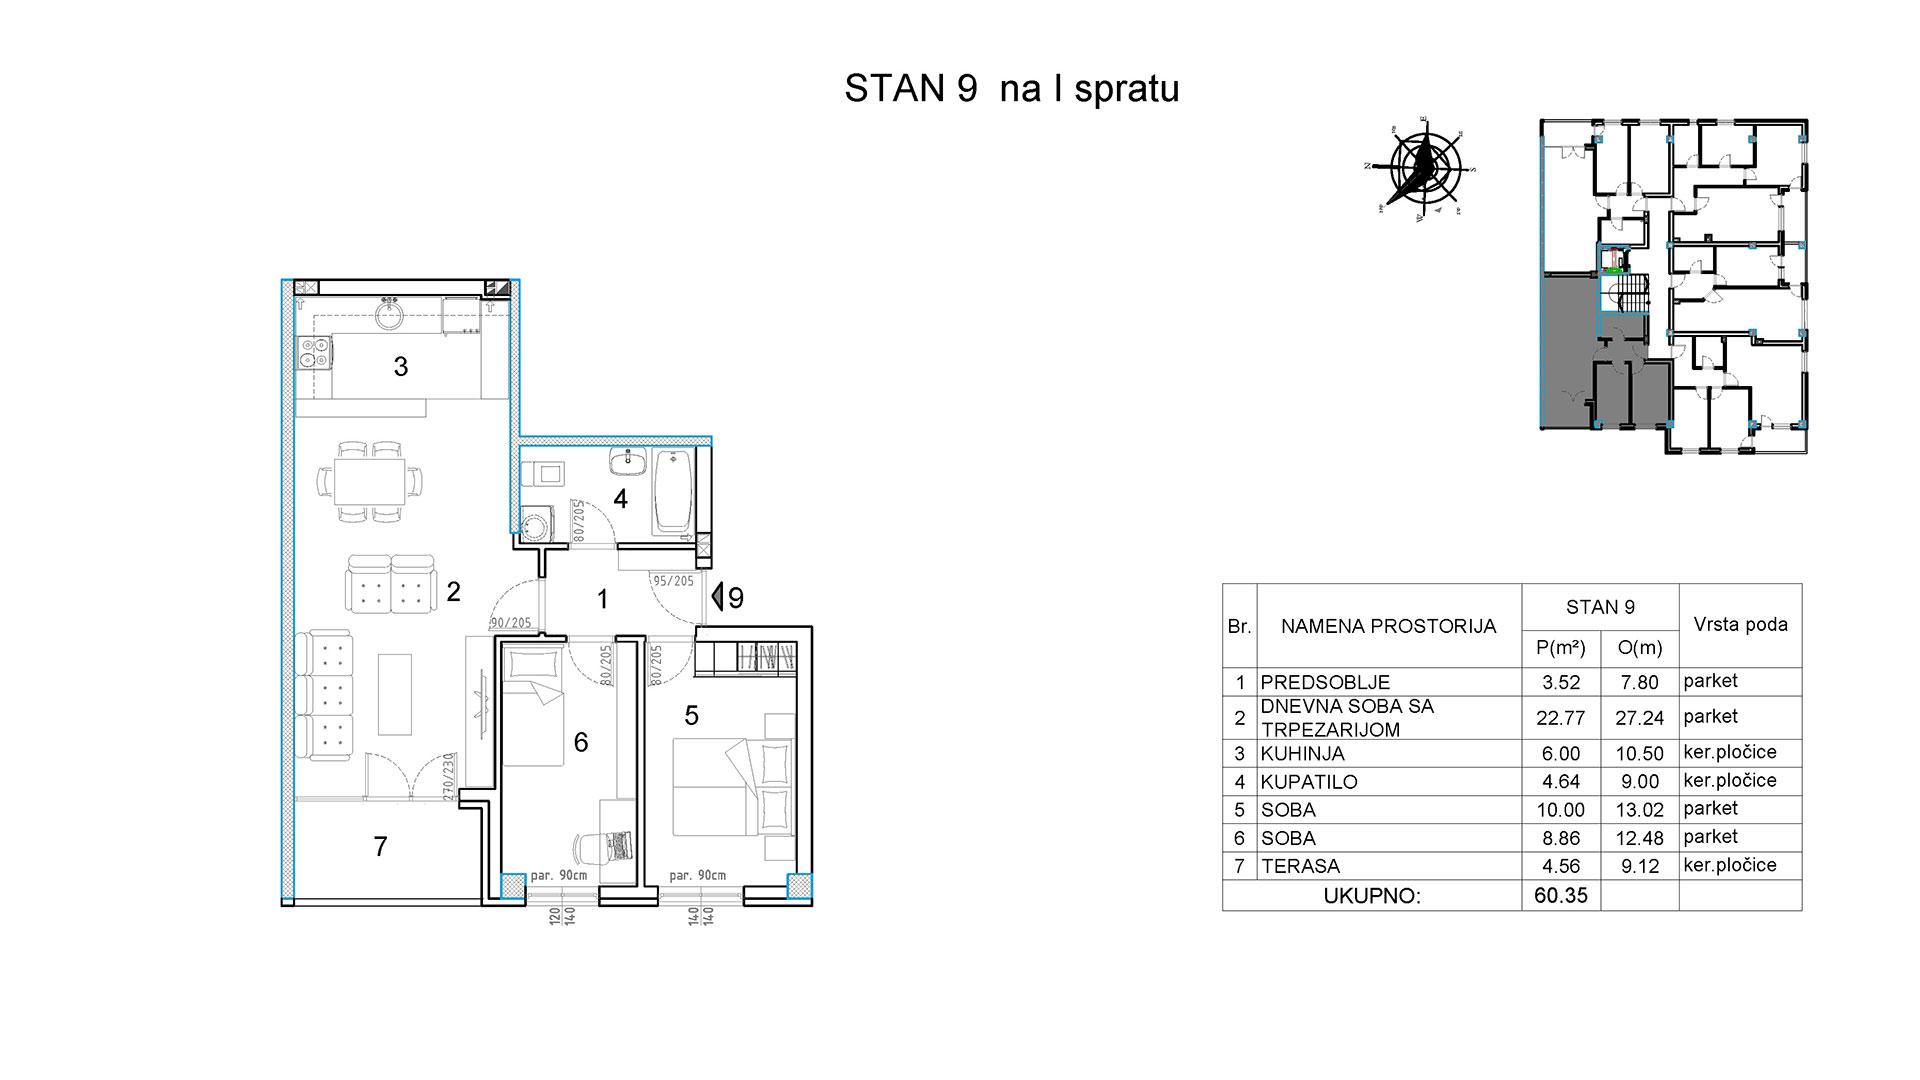 Objekat u Borivoja Stevanovica bb - Stan 9